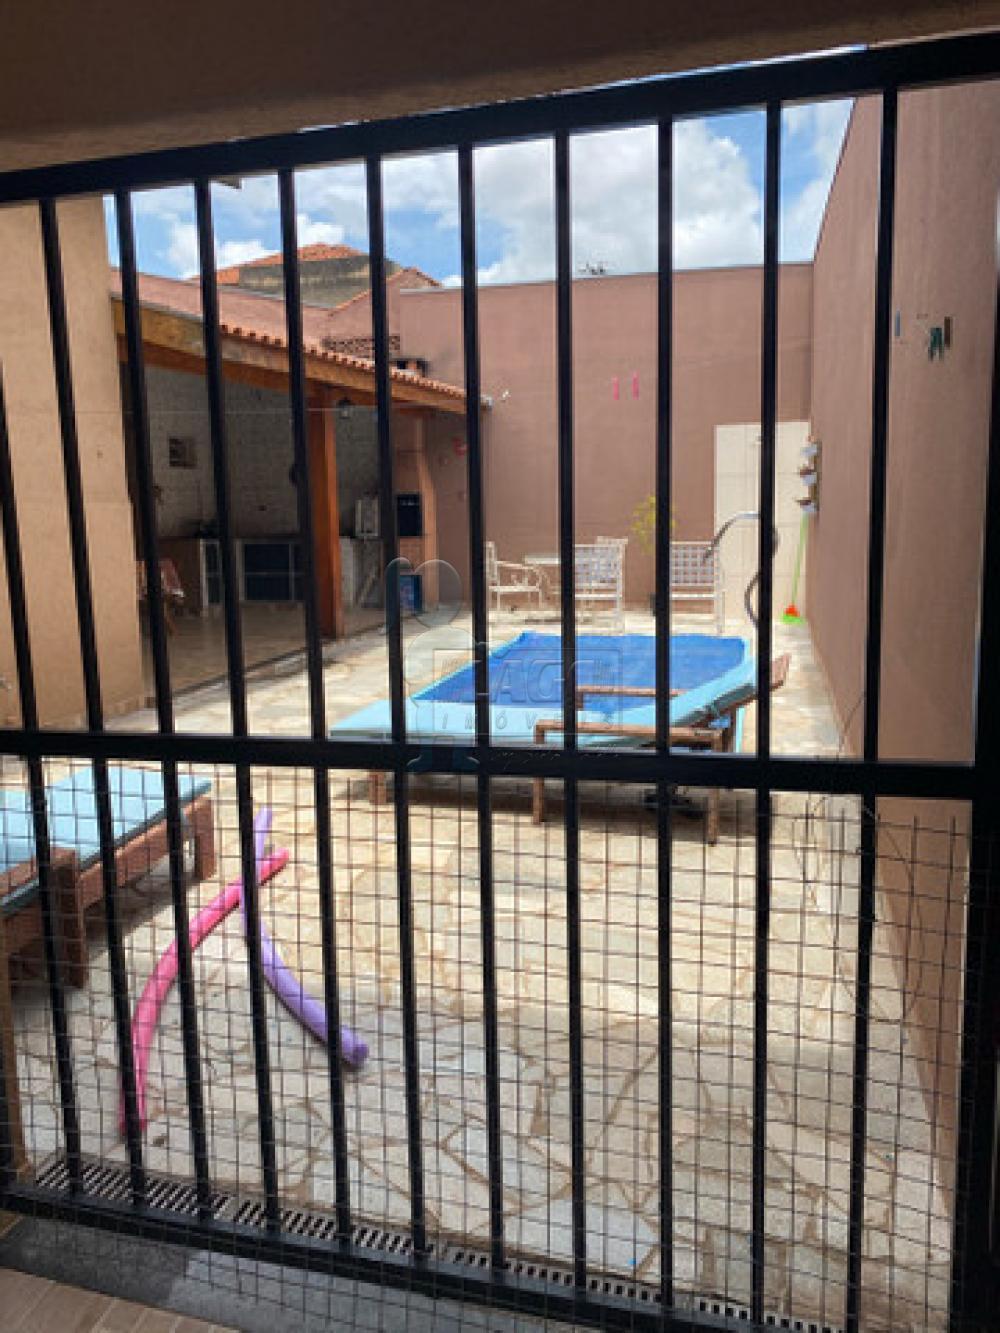 Comprar Casas / Padrão em Ribeirão Preto apenas R$ 415.000,00 - Foto 15